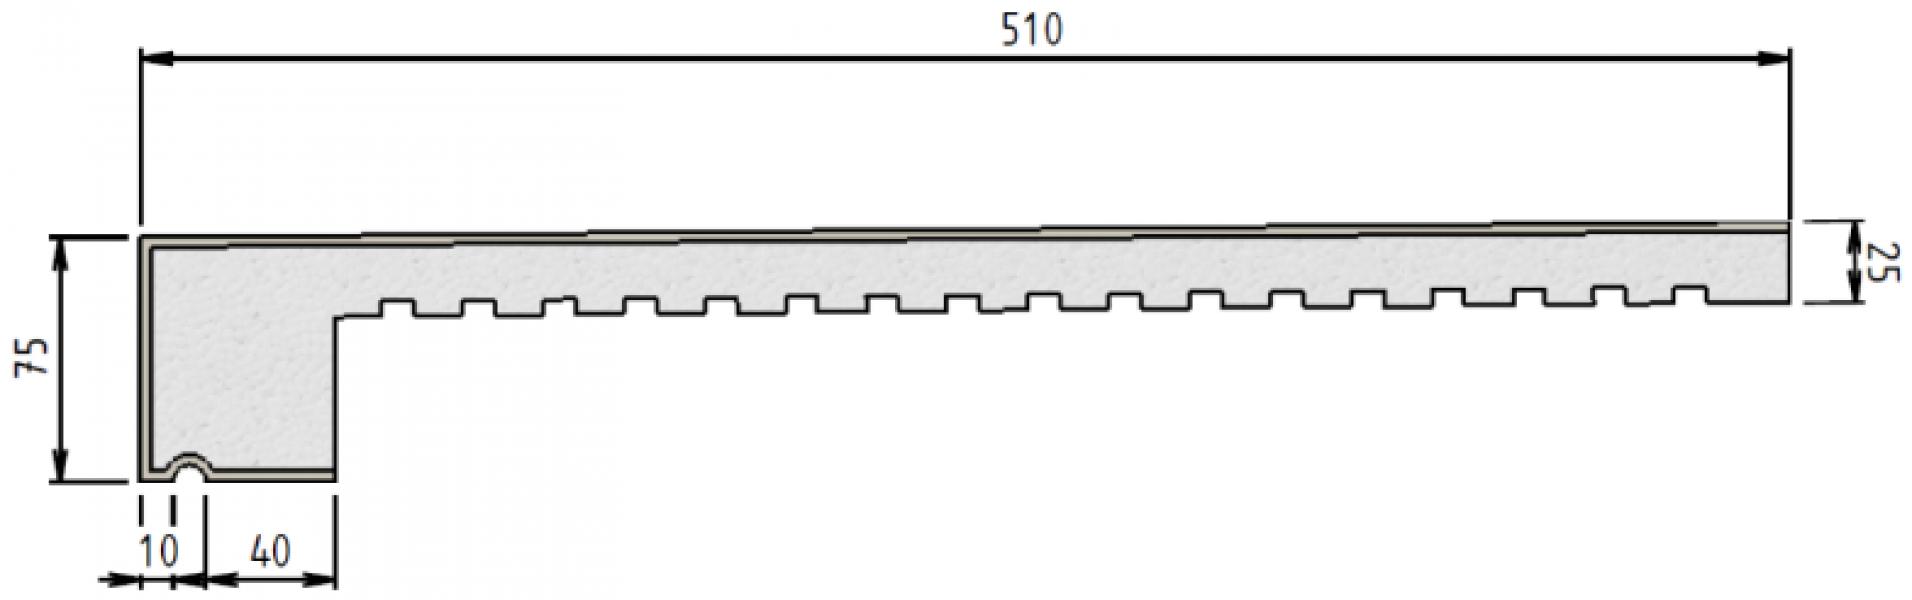 Photo 3 MODÉNATURES et APPUIS DE FENÊTRE.  Élément constitué d'un cœur en polystyrène expansé ignifugé et recouvert d'une résine acrylique ignifugée. Réaction au feu : Euroclasse E. - Baukom